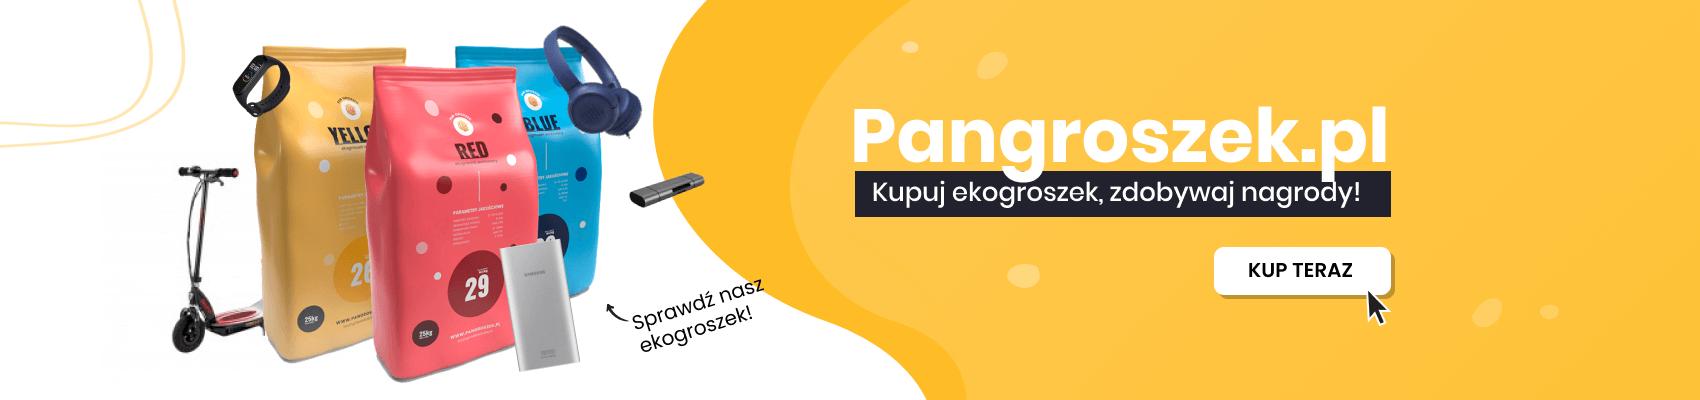 Ekogroszek workowany - Małopolskie